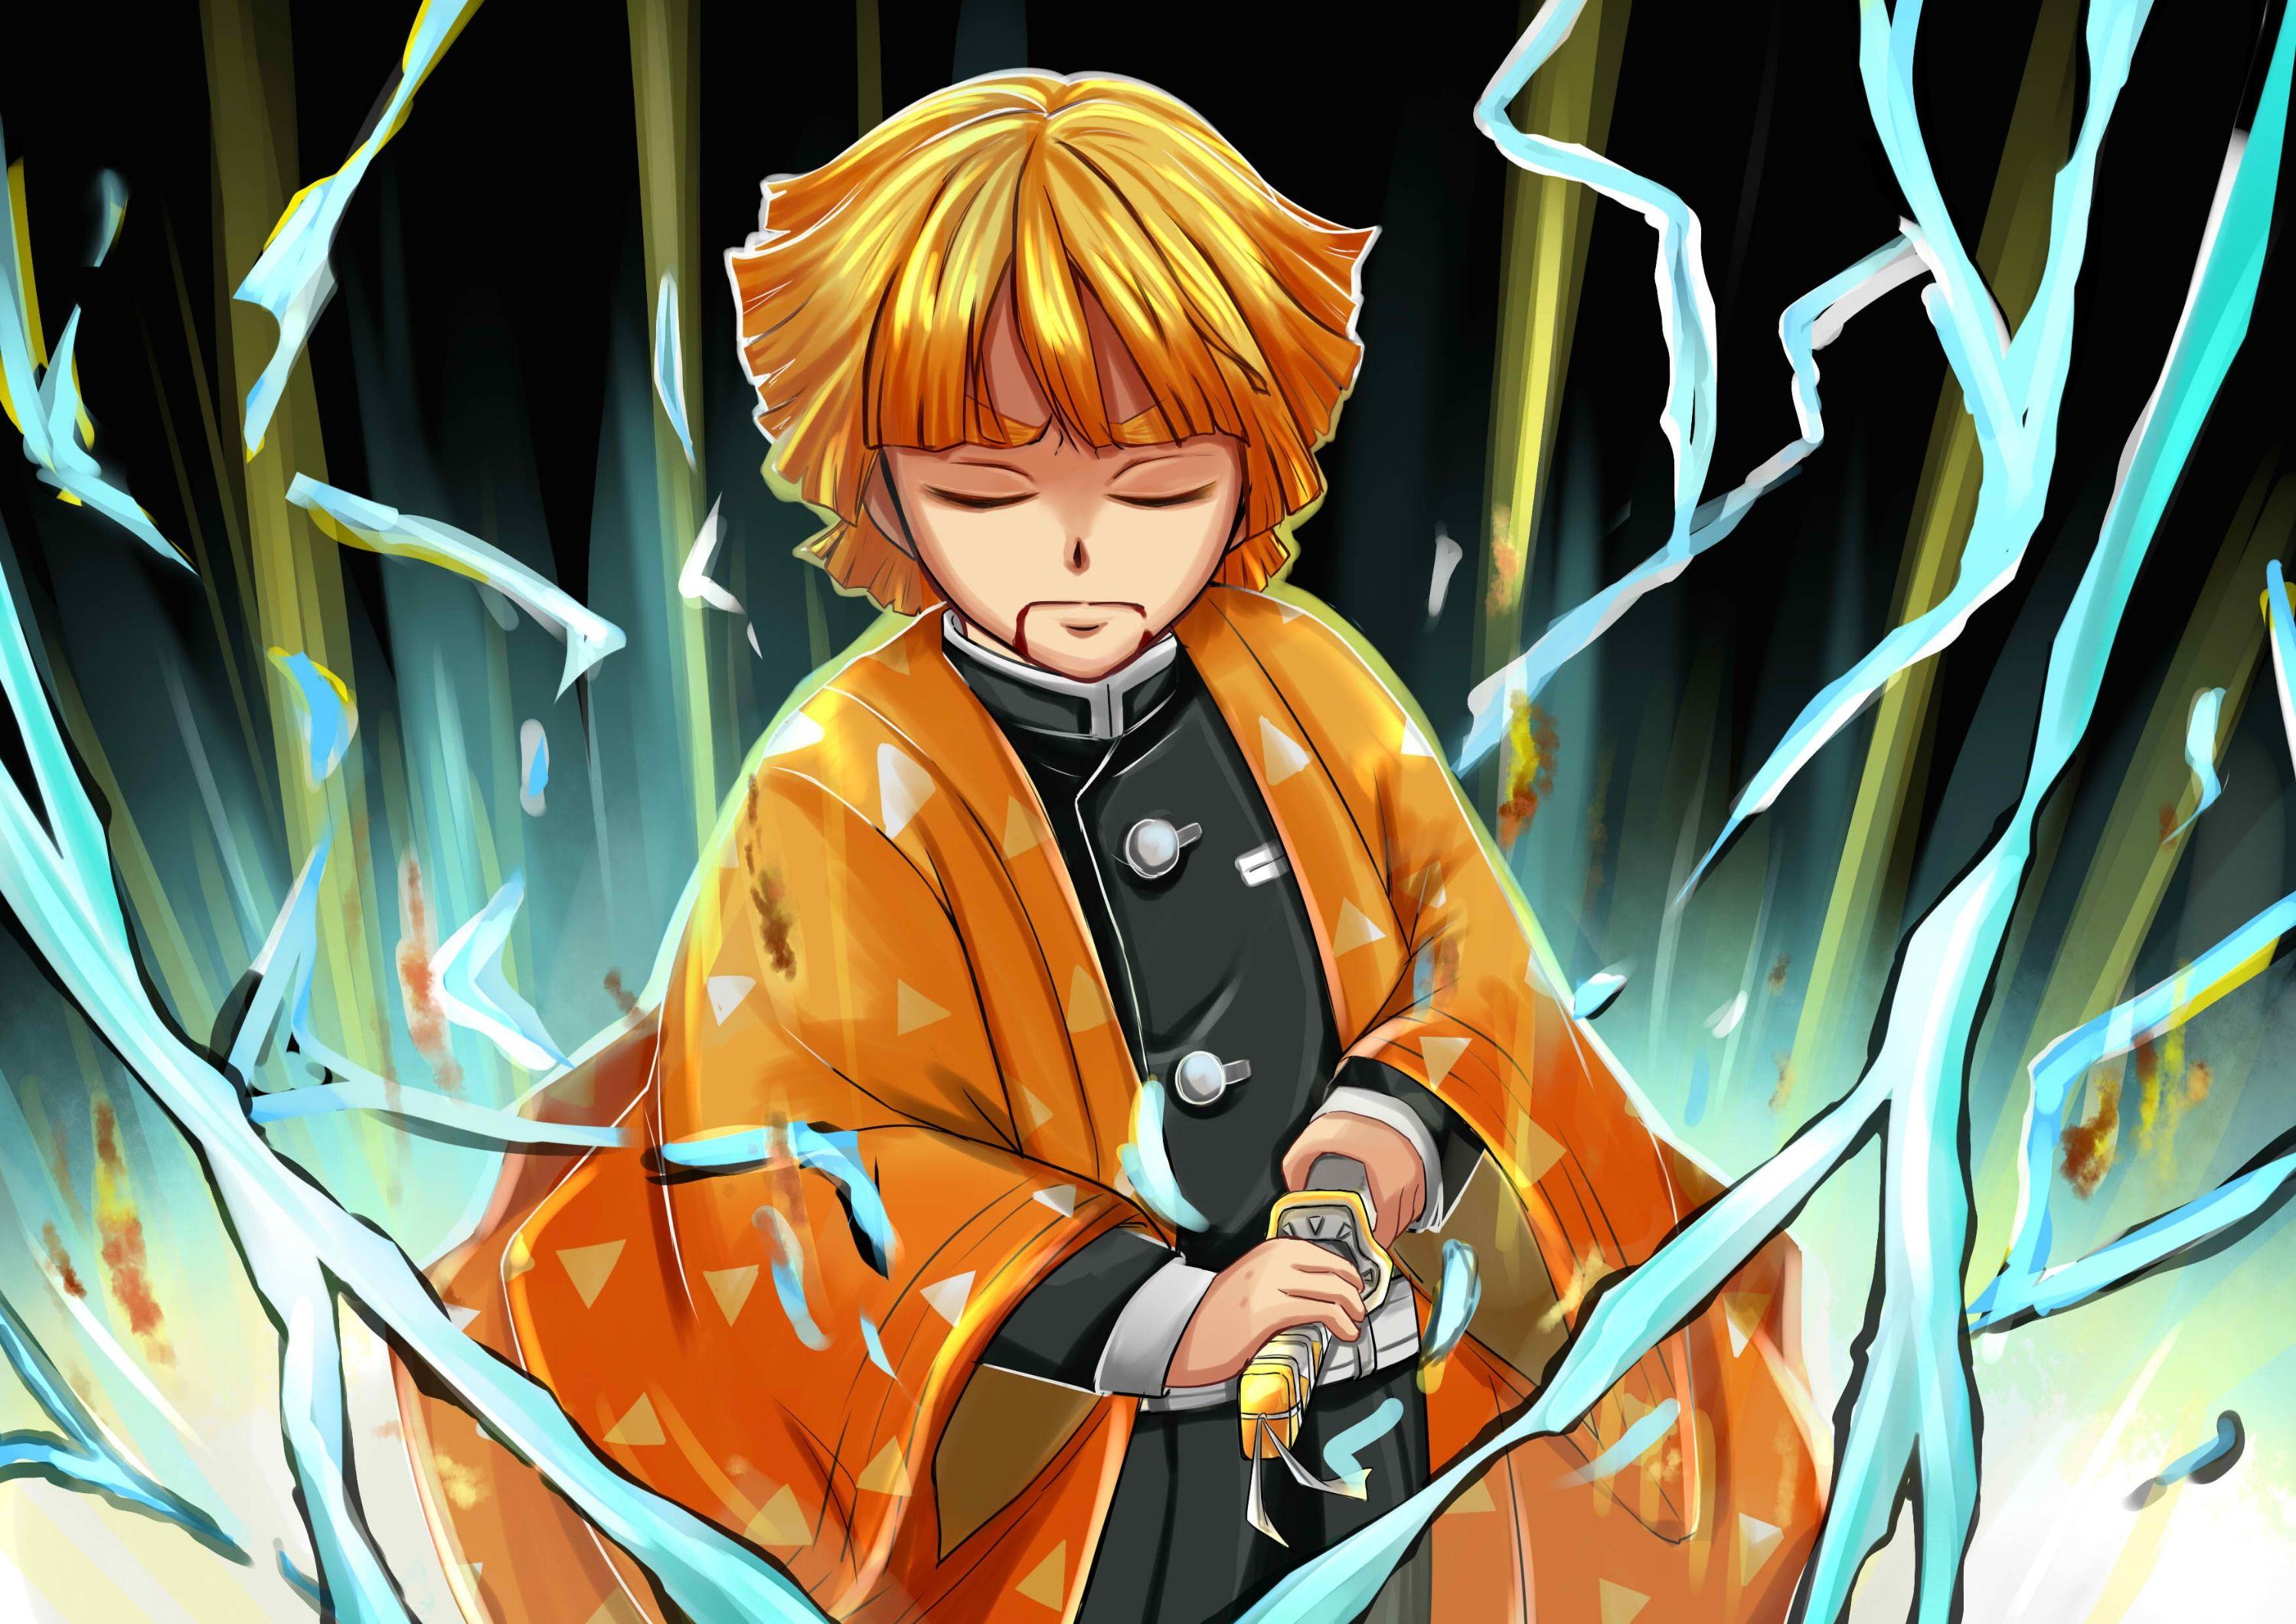 Kimetsu No Yaiba Anime Demon Anime Wallpaper